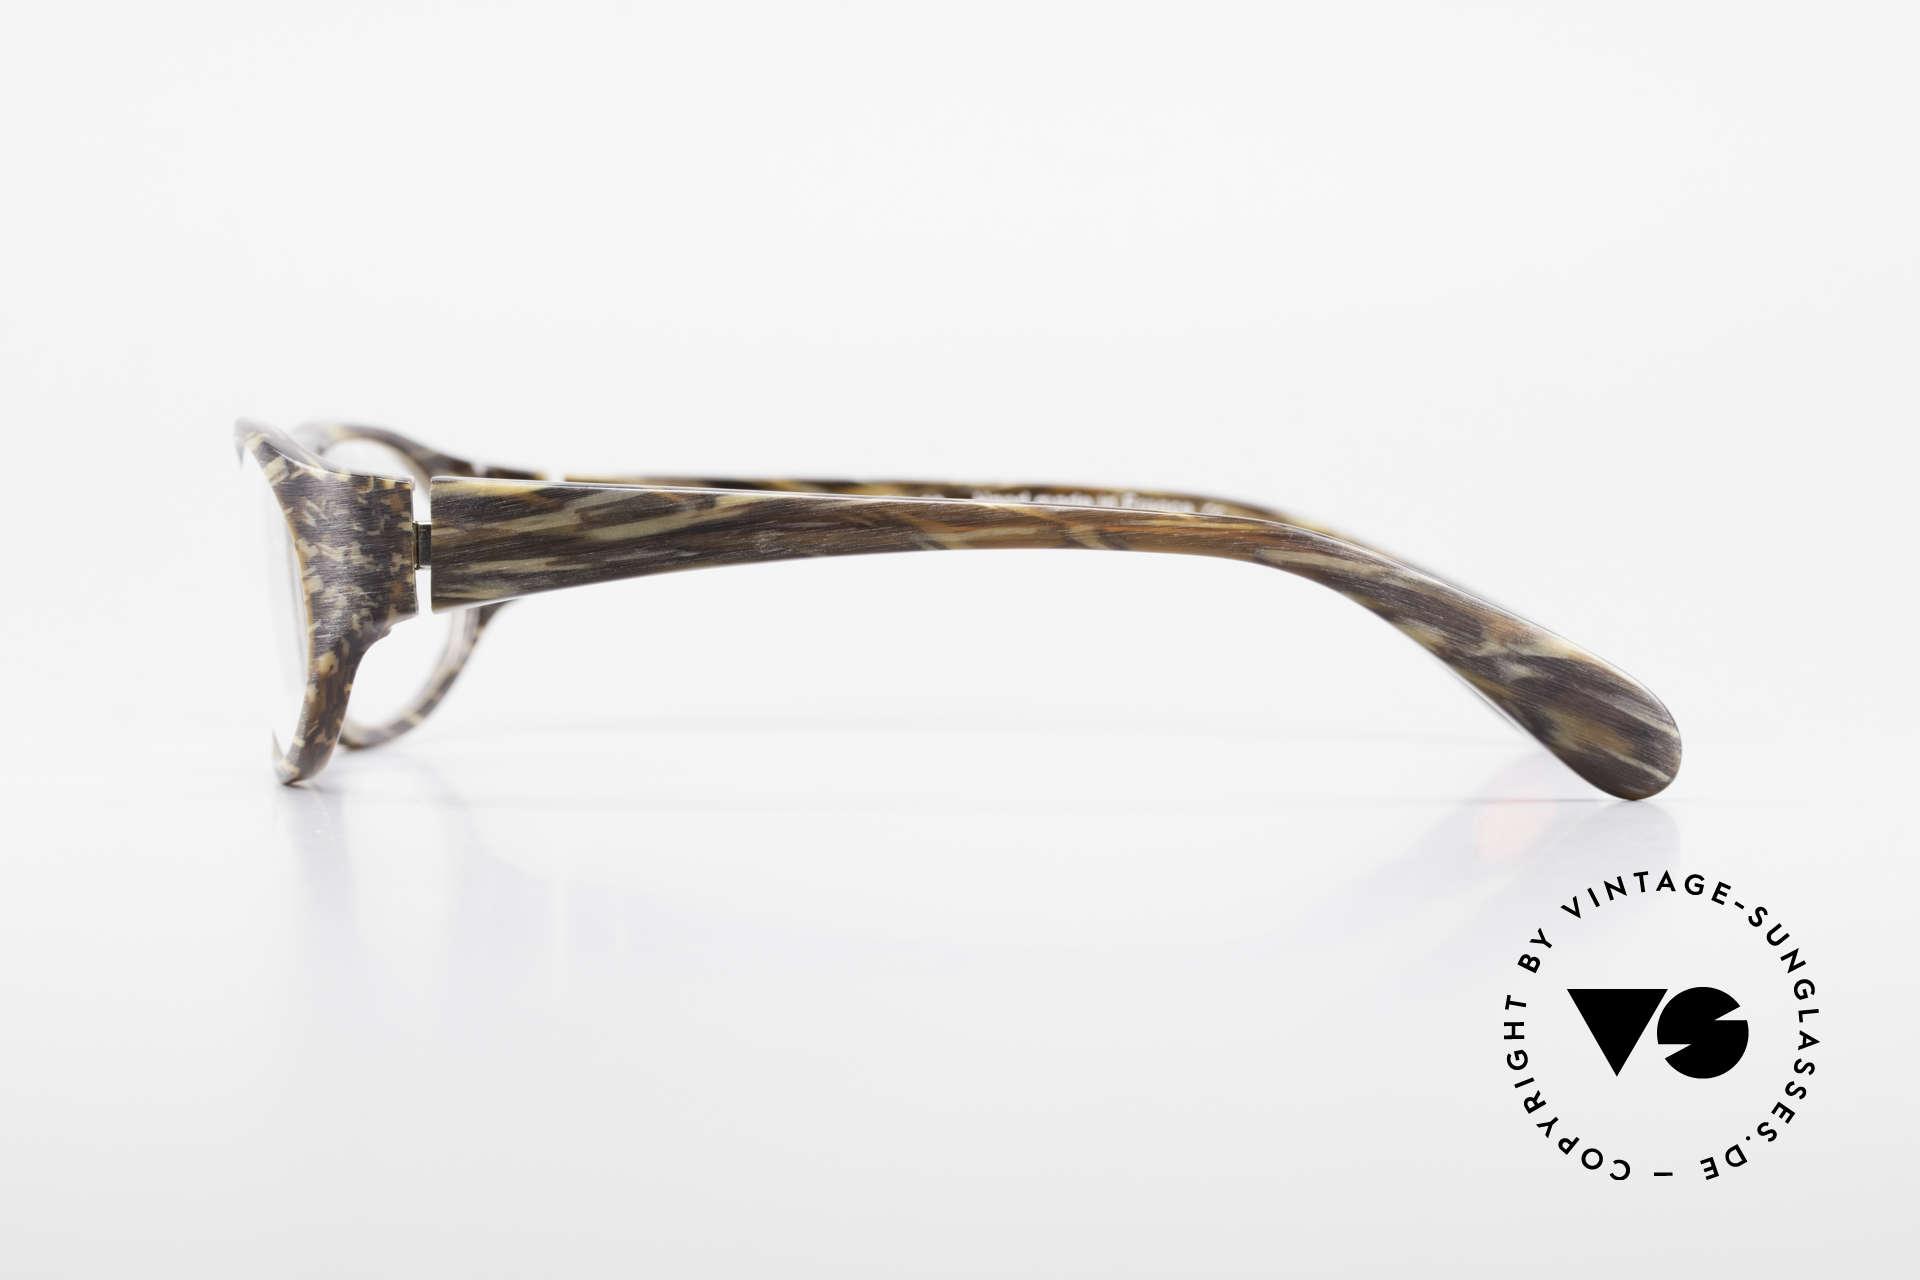 Bugatti 220 Herren Designer Luxusbrille, selten, da damals nur als Kleinstserie produziert, Passend für Herren